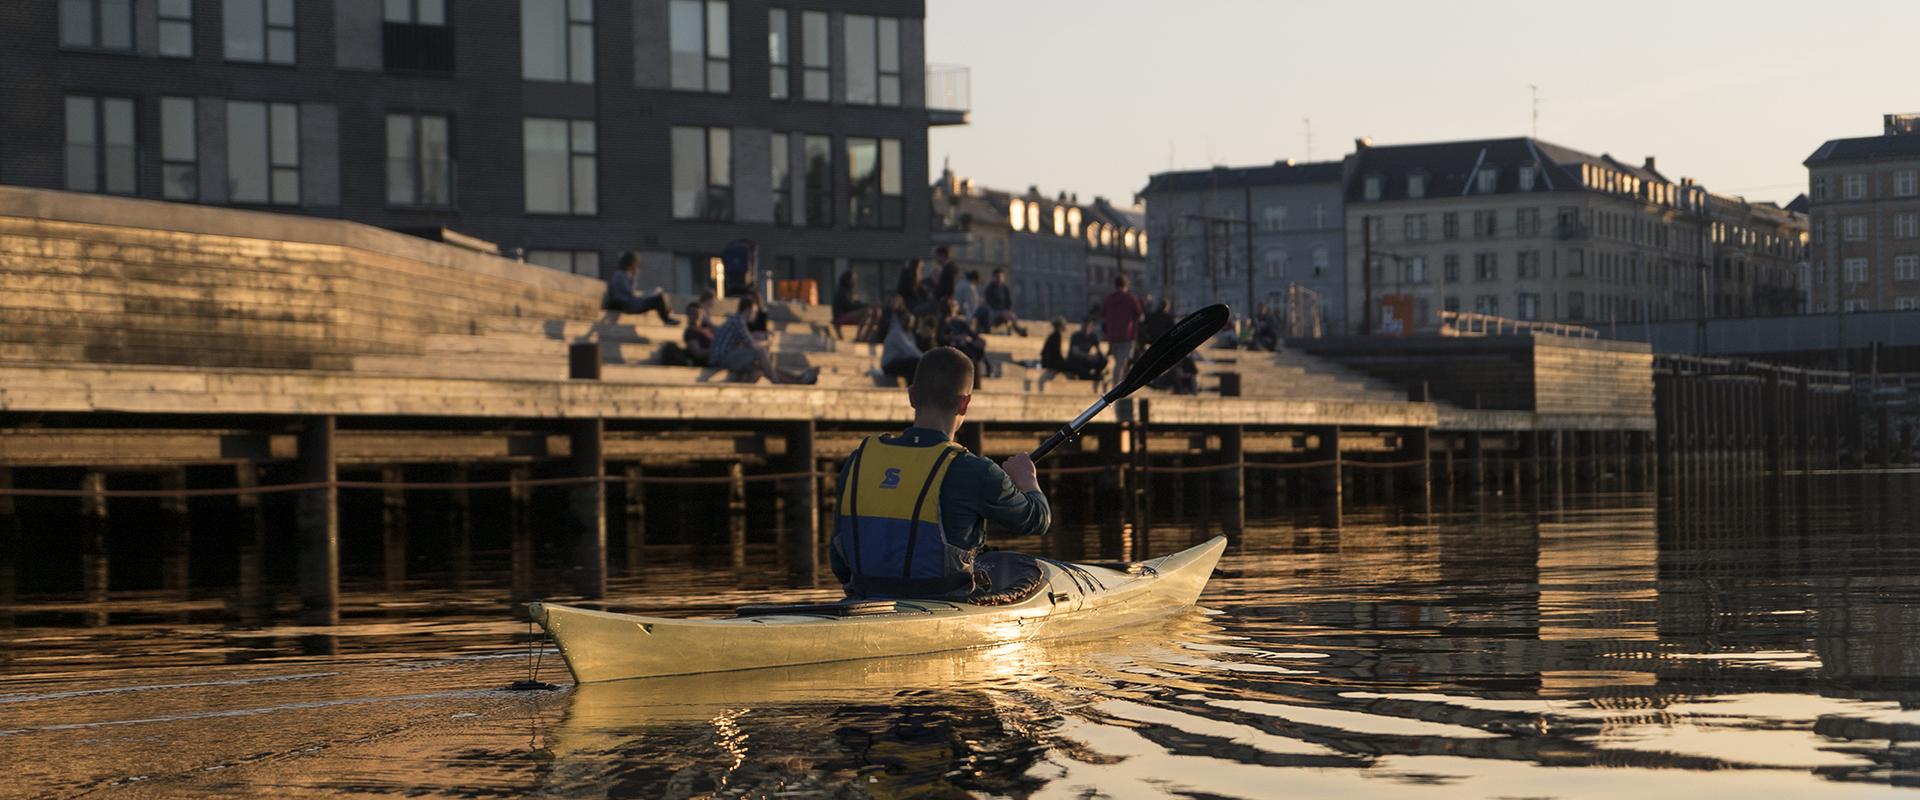 Kajakroer i Nordhavn